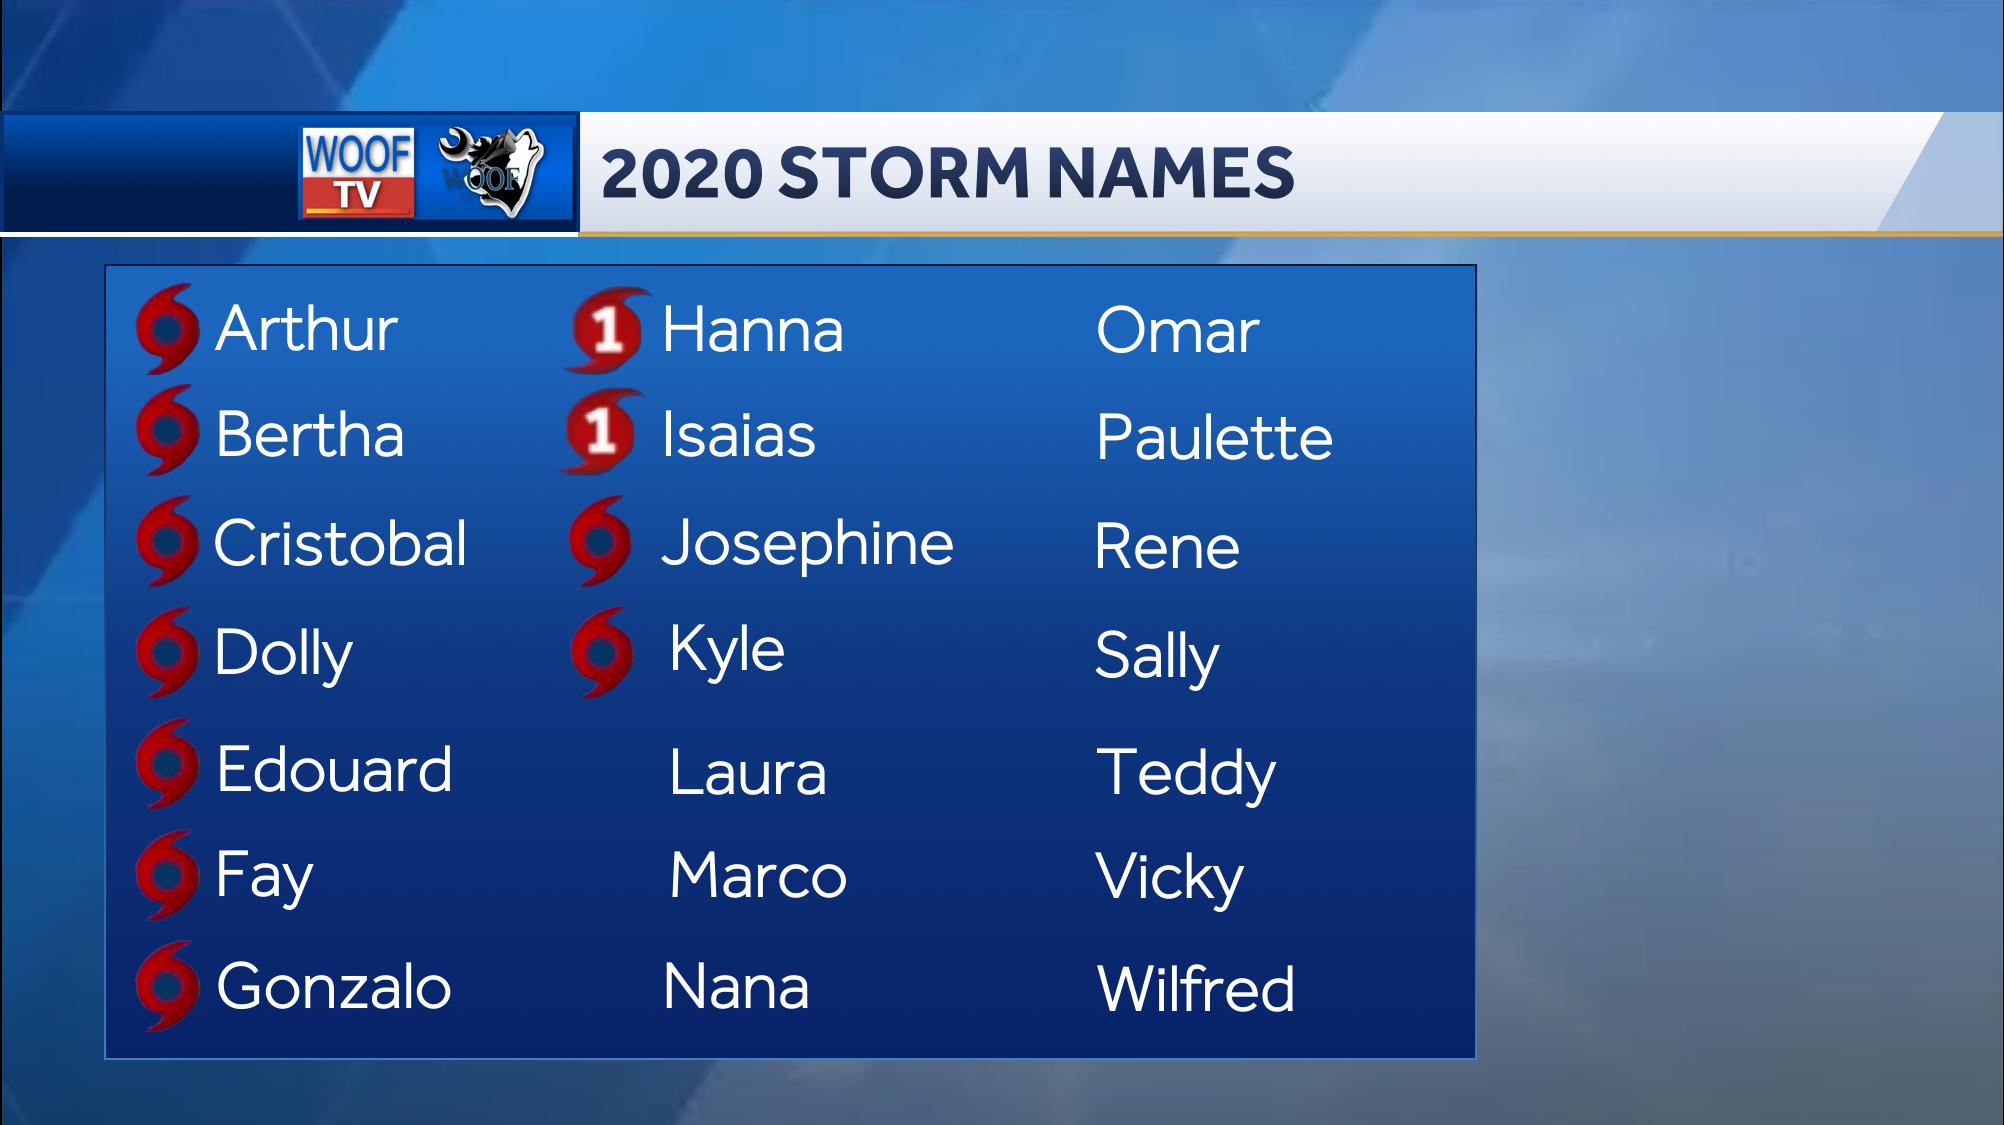 2020 Hurricane Season Names In 2020 Hurricane Season Seasons Name Hurricane